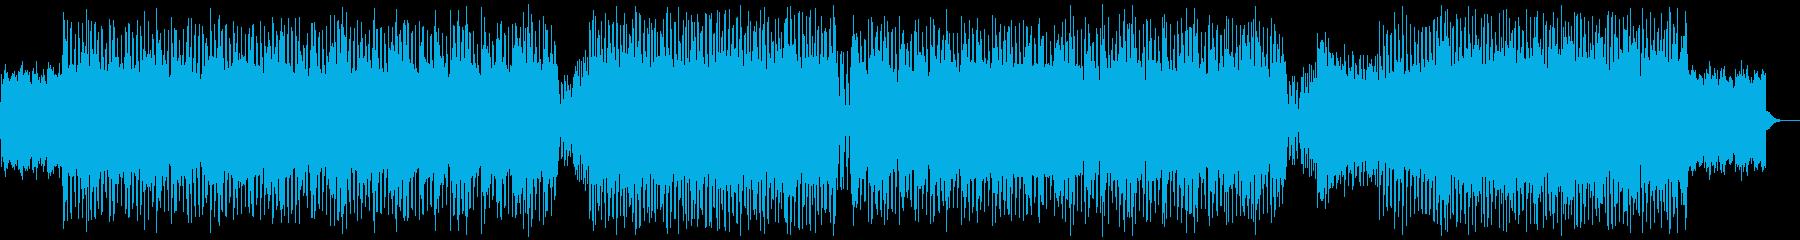 幻想的なエレクトロの再生済みの波形